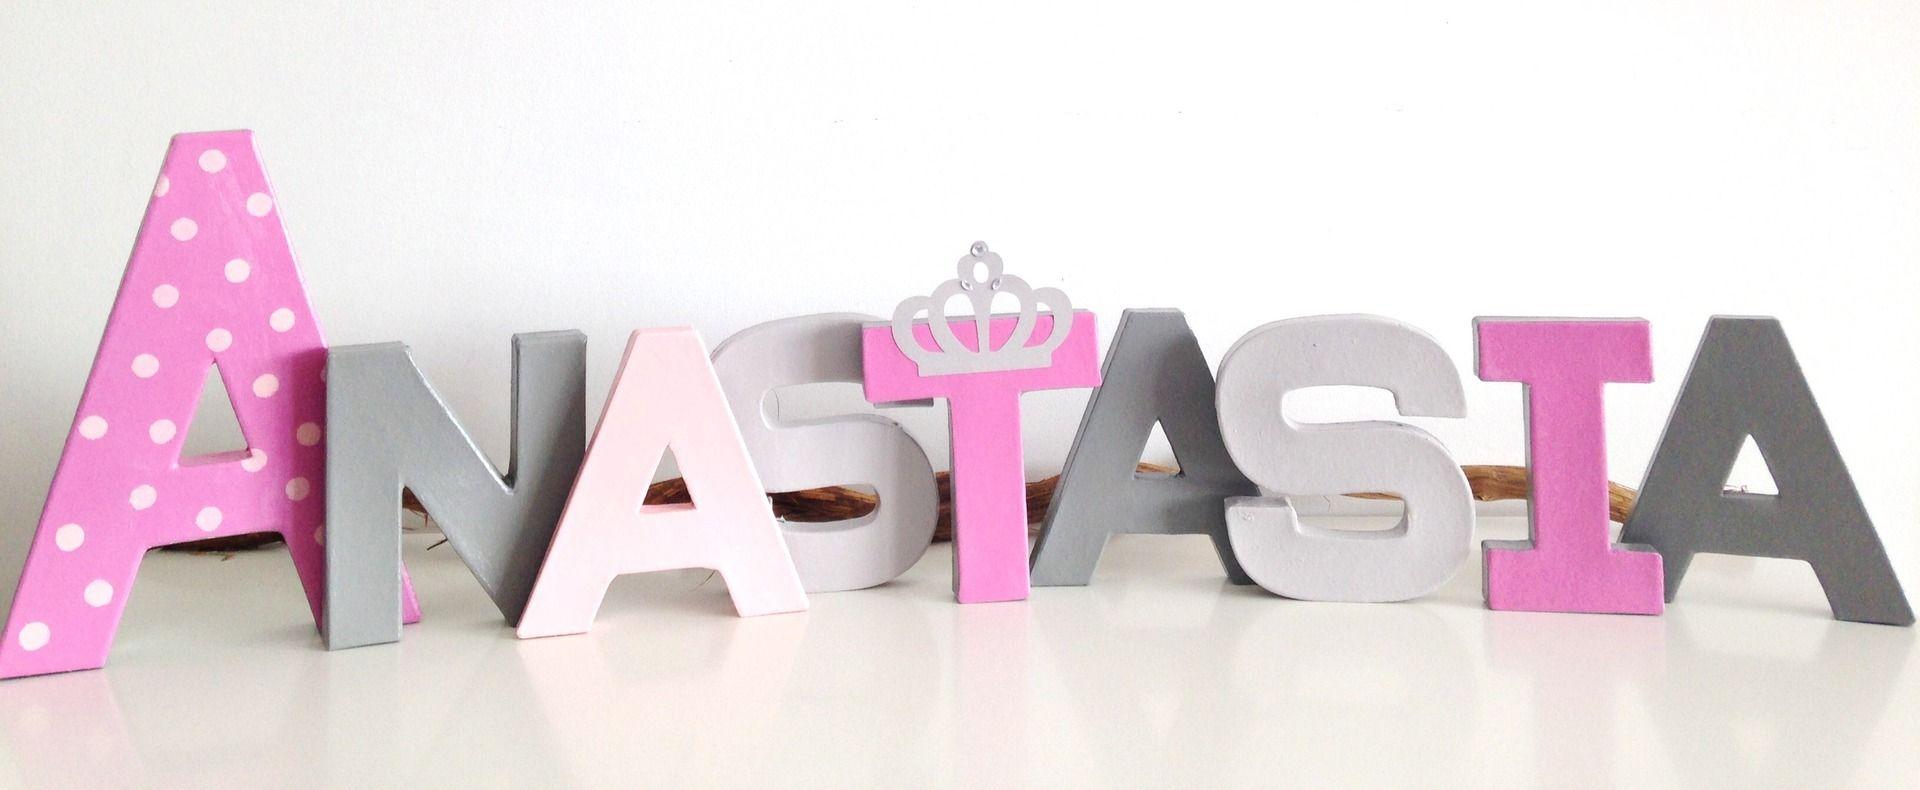 lettres dcoratives prnom poser dcoration chambre enfant thme princesse gris et rose